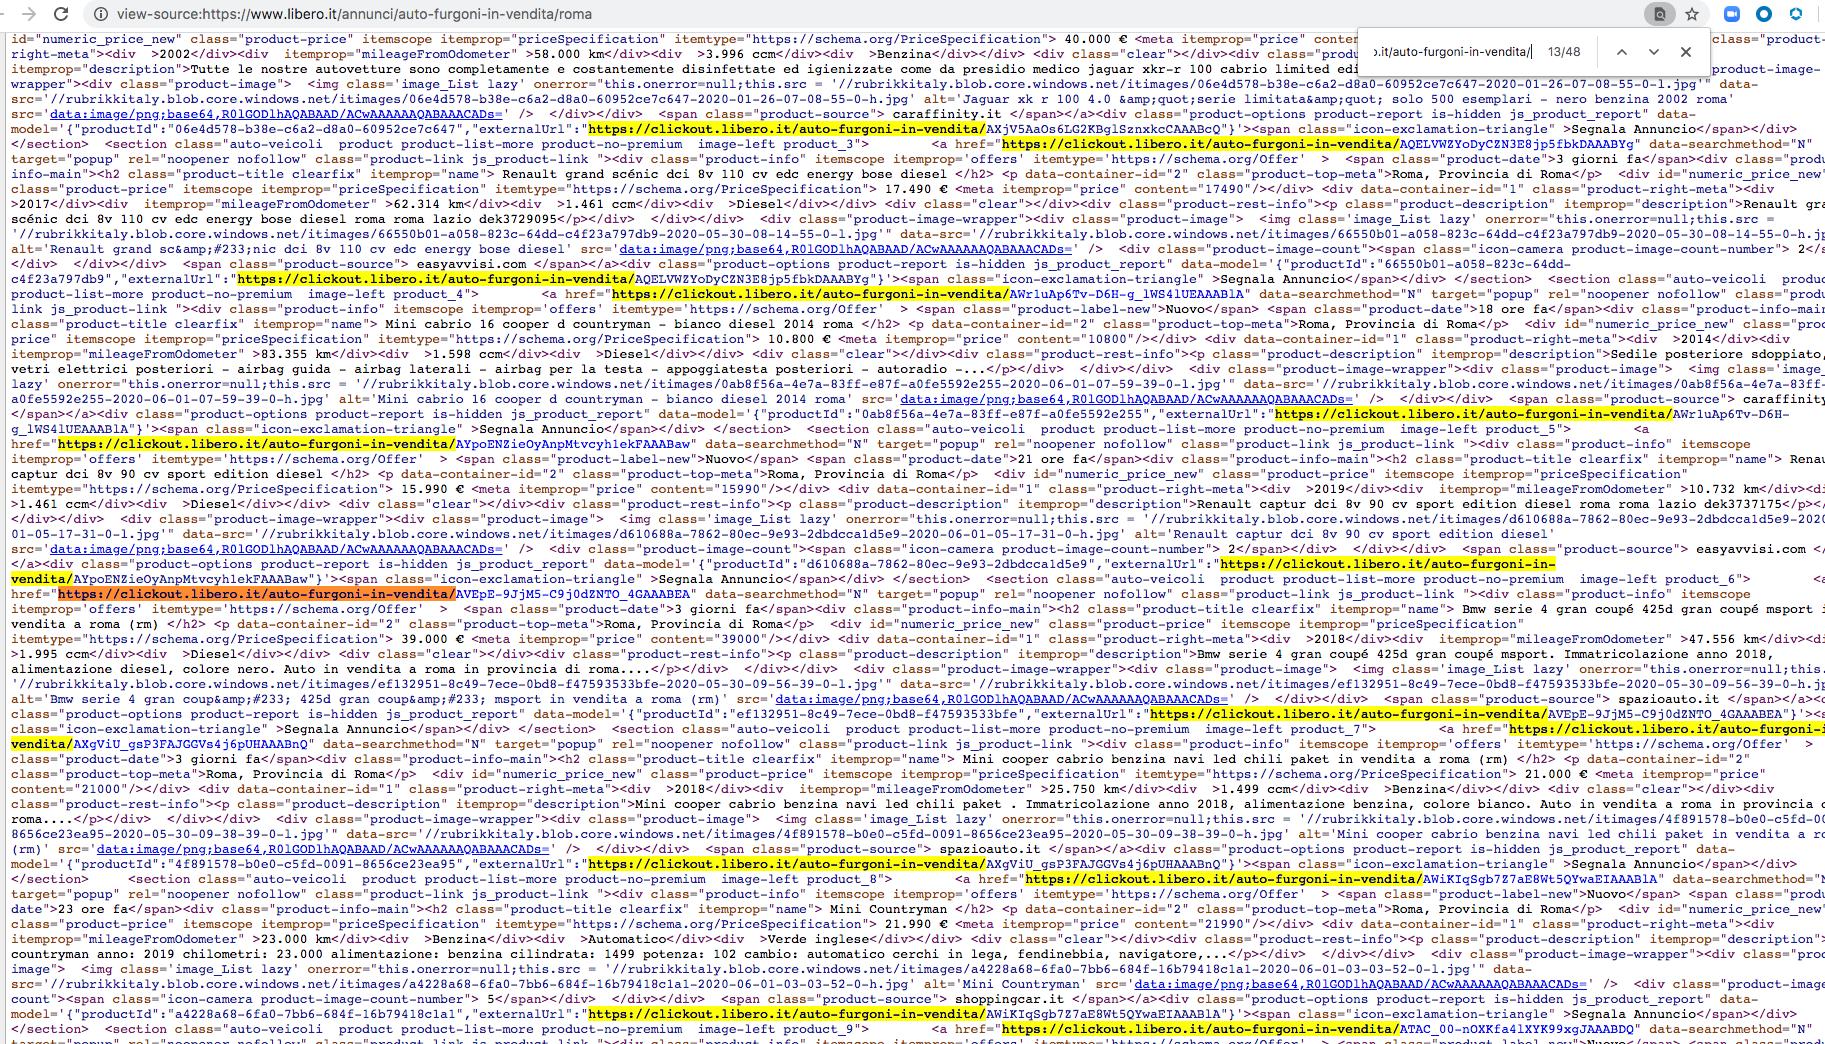 この画像は、libero[.]itを指すすべての外部リンクを強調表示しています。リンクは正当に見えますがリンクをクリックするとユーザーは悪意のあるサイトにリダイレクトされます。